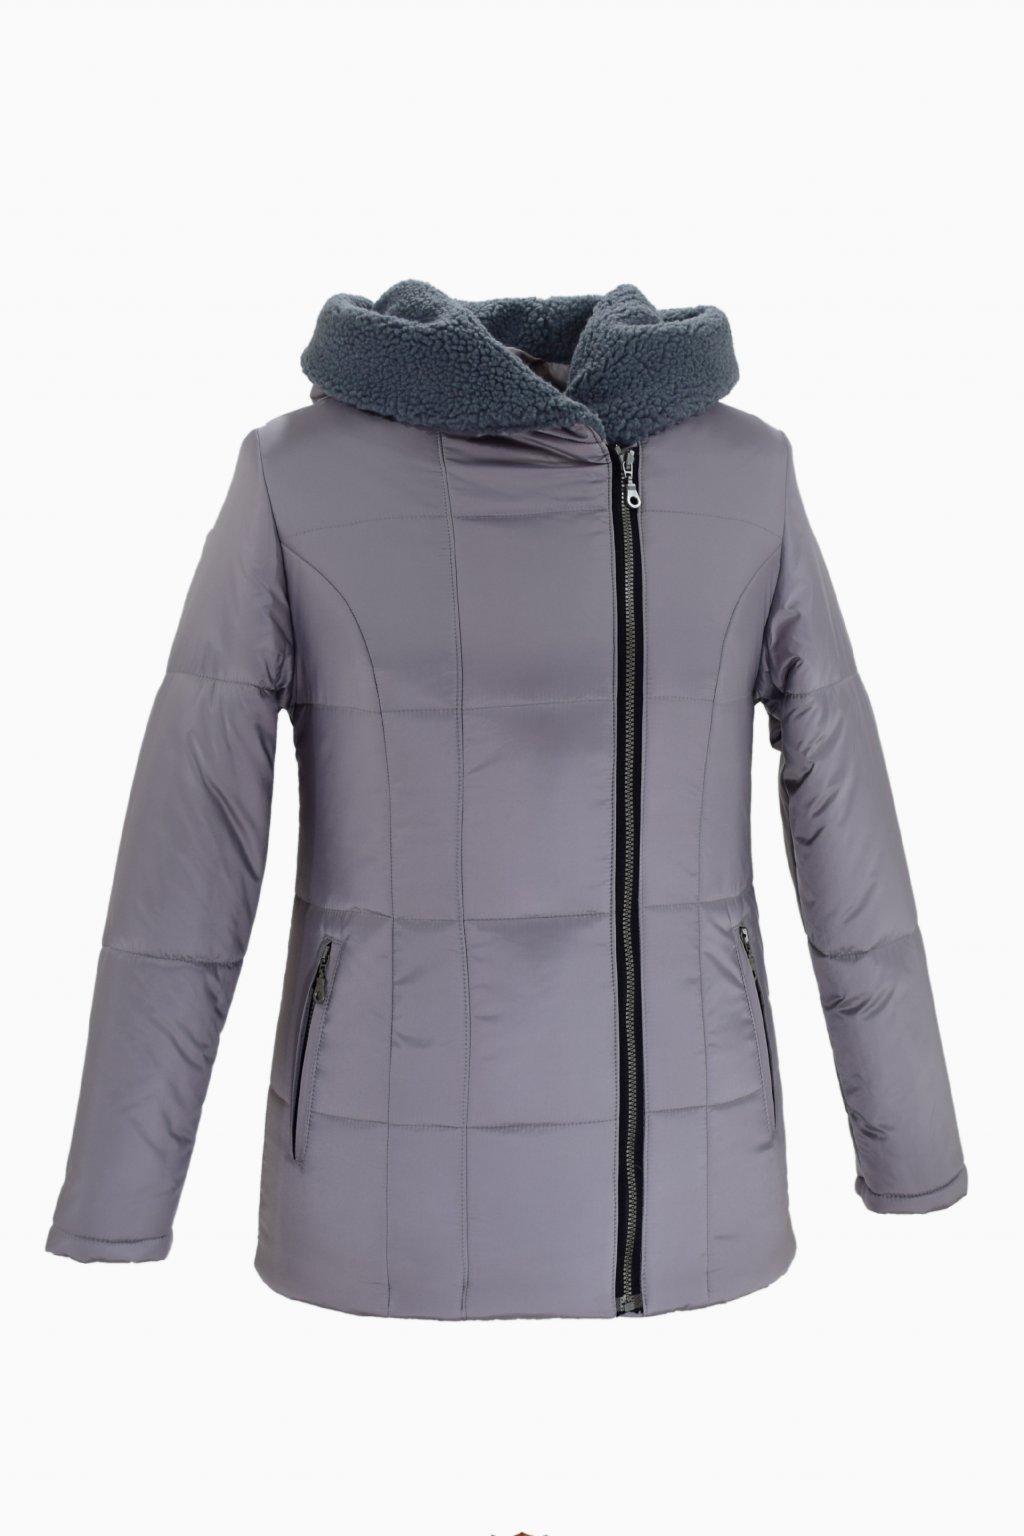 Dámská šedá zimní bunda XENA nadměrné velikosti.